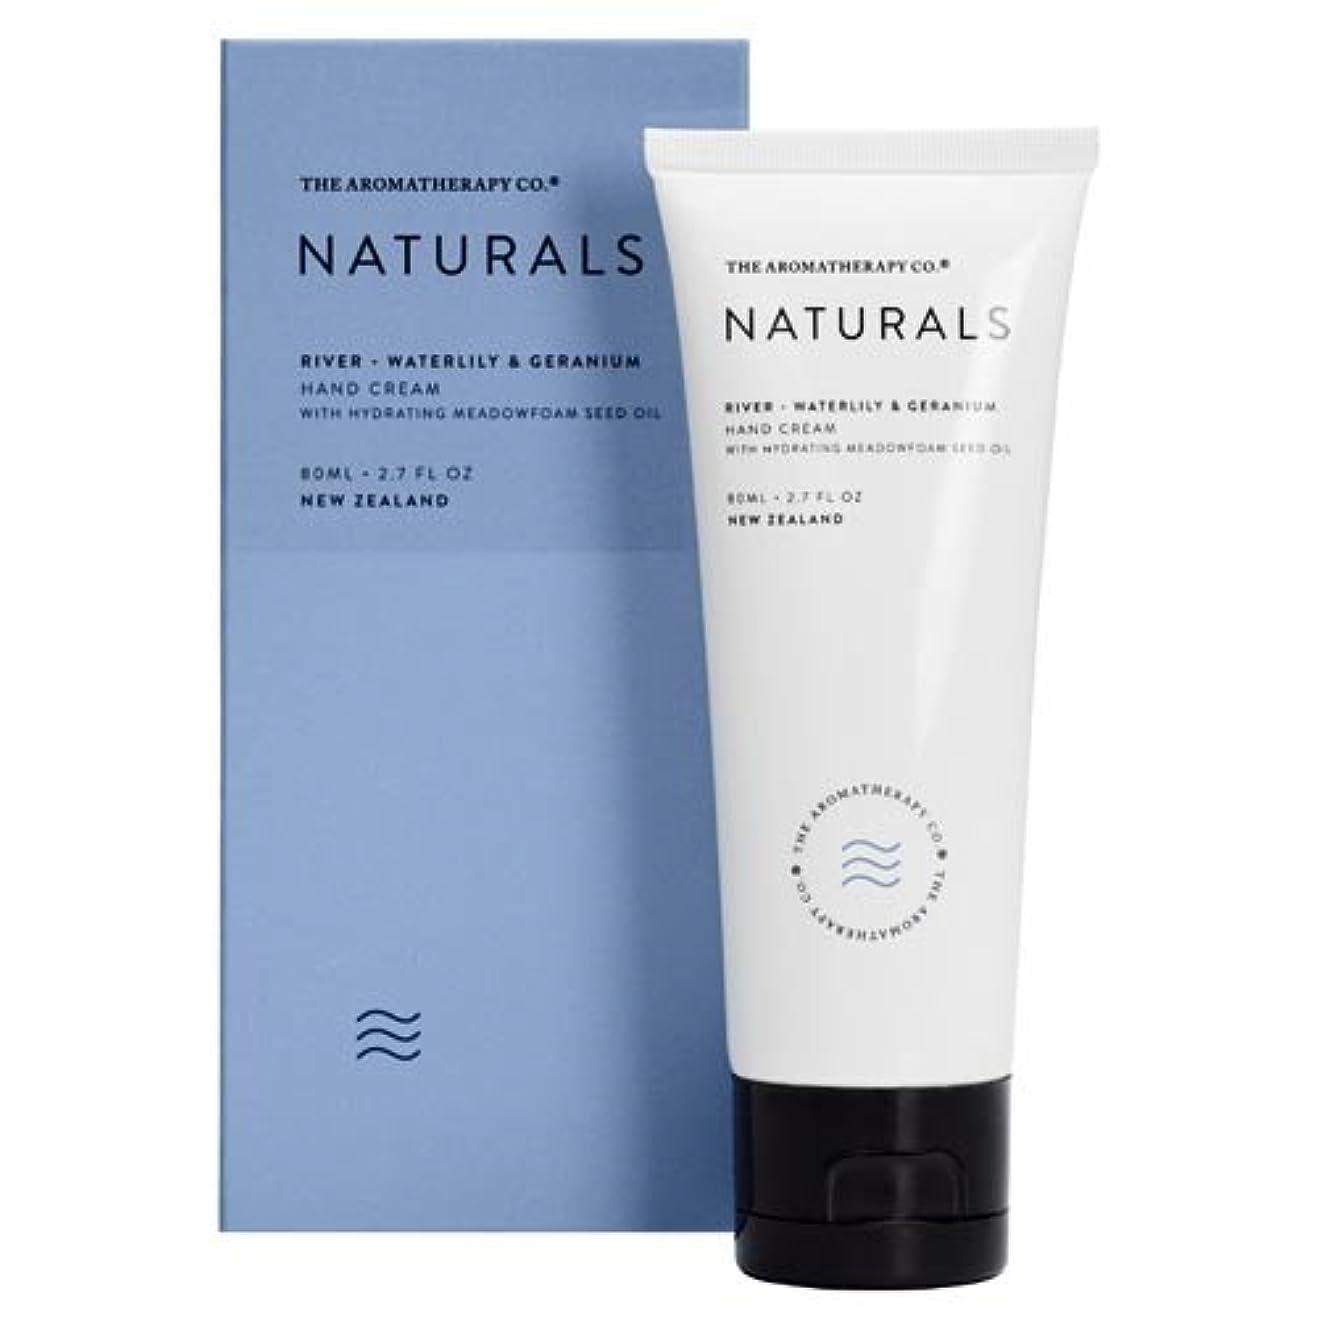 別のフィッティング擁するnew NATURALS ナチュラルズ Hand Cream ハンドクリーム River リバー(川)Waterlily & Geranium ウォーターリリー&ゼラニウム